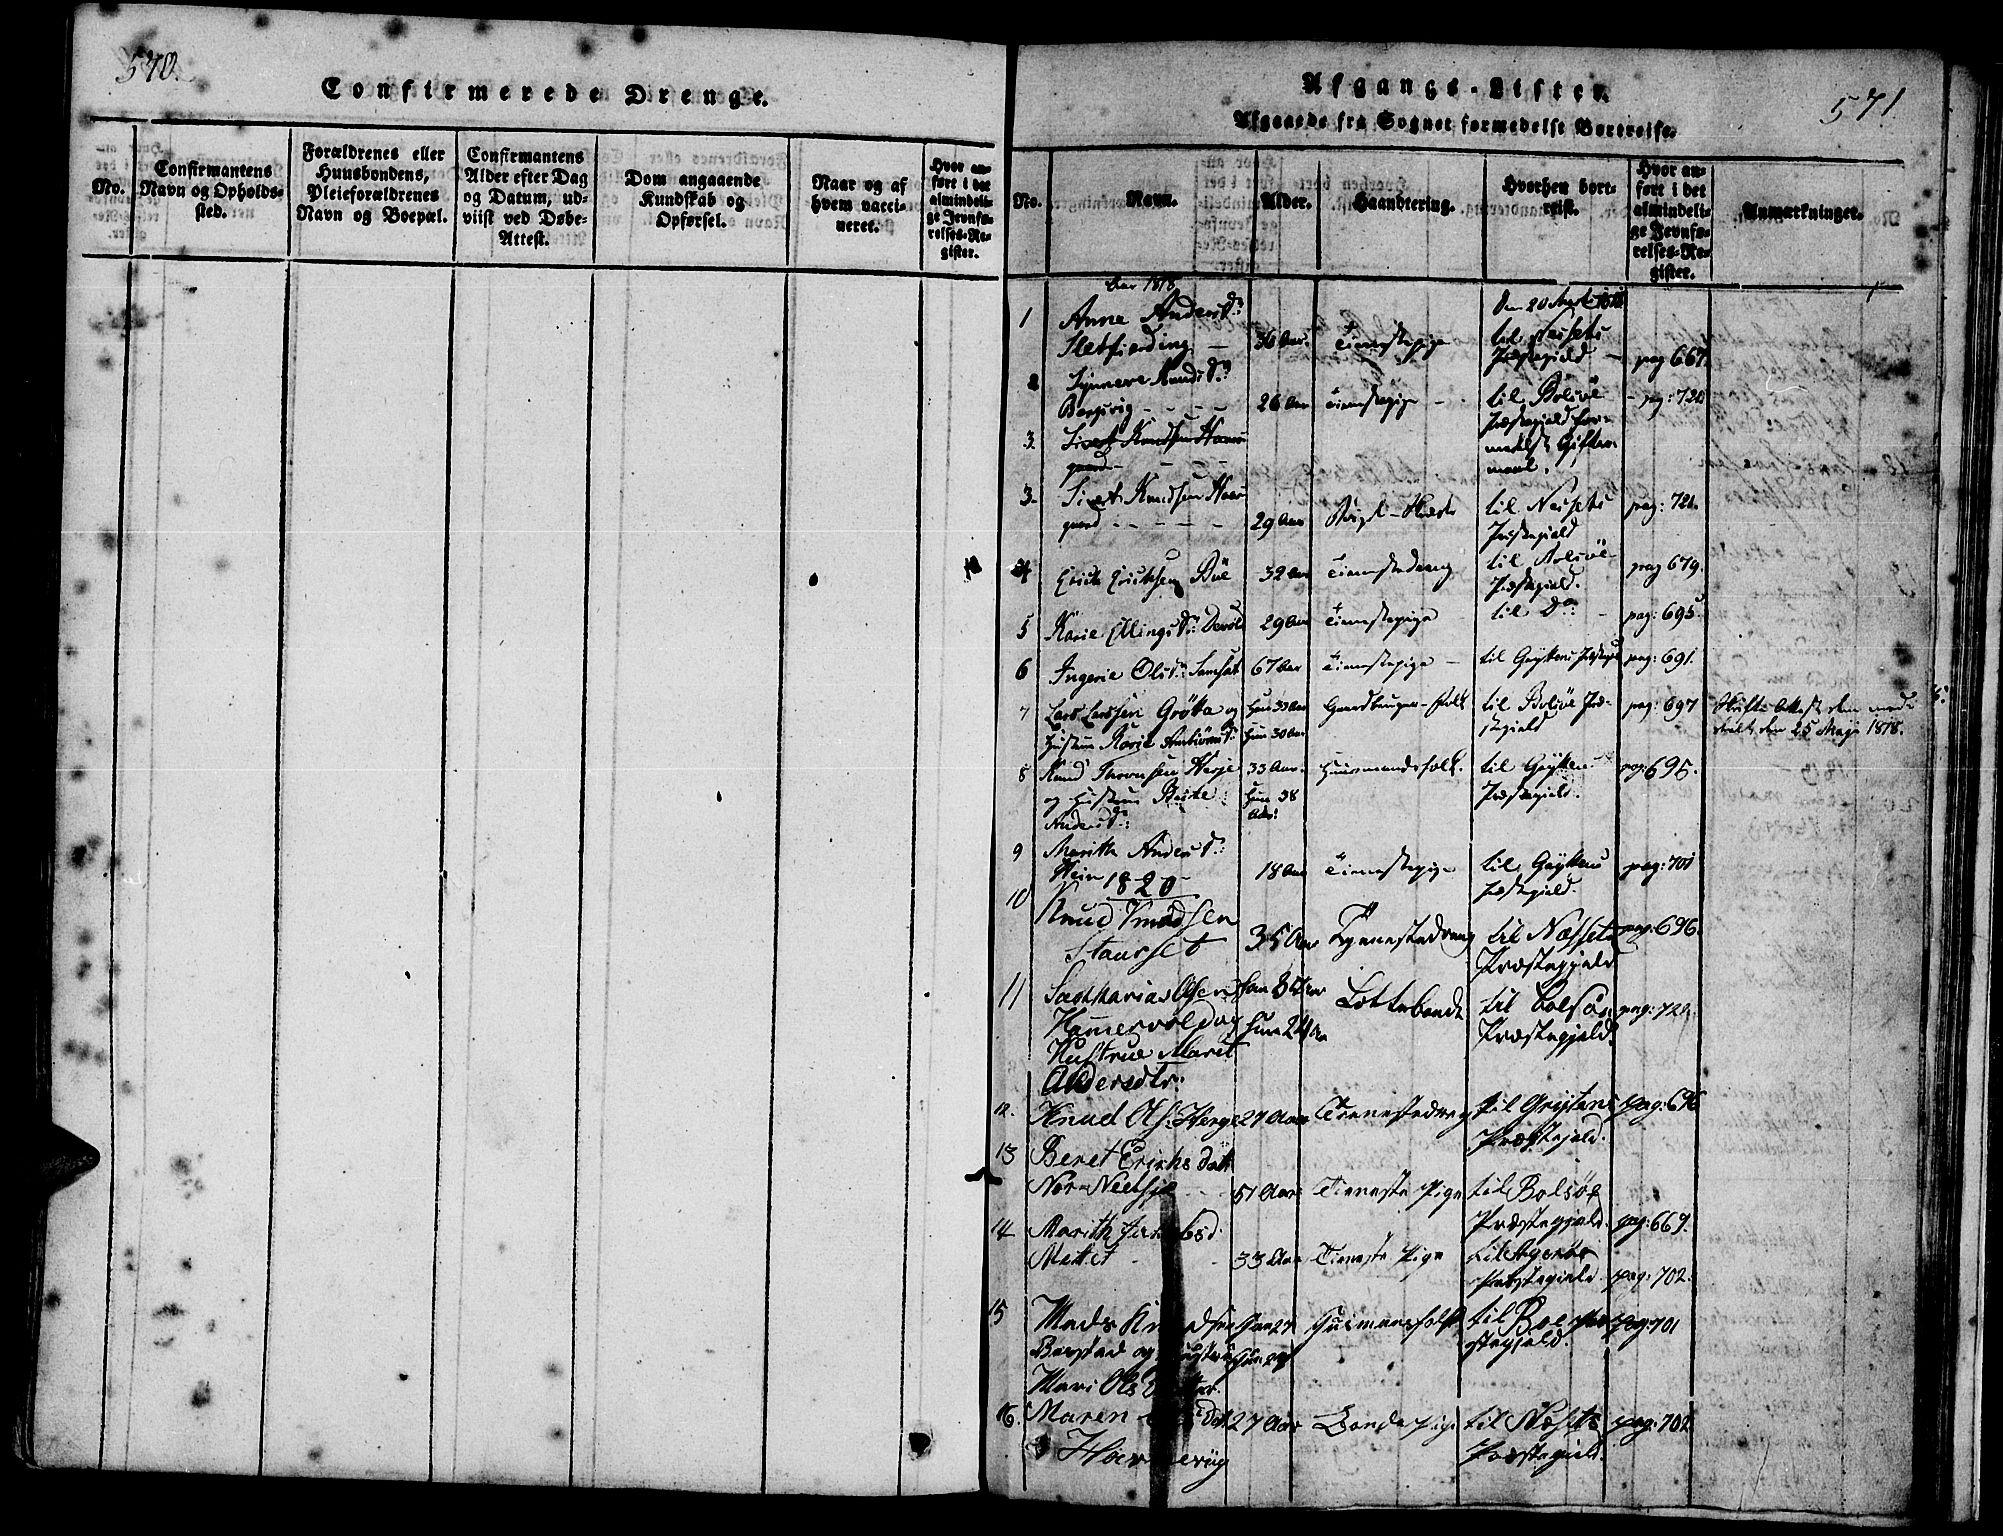 SAT, Ministerialprotokoller, klokkerbøker og fødselsregistre - Møre og Romsdal, 547/L0602: Ministerialbok nr. 547A04, 1818-1845, s. 570-571